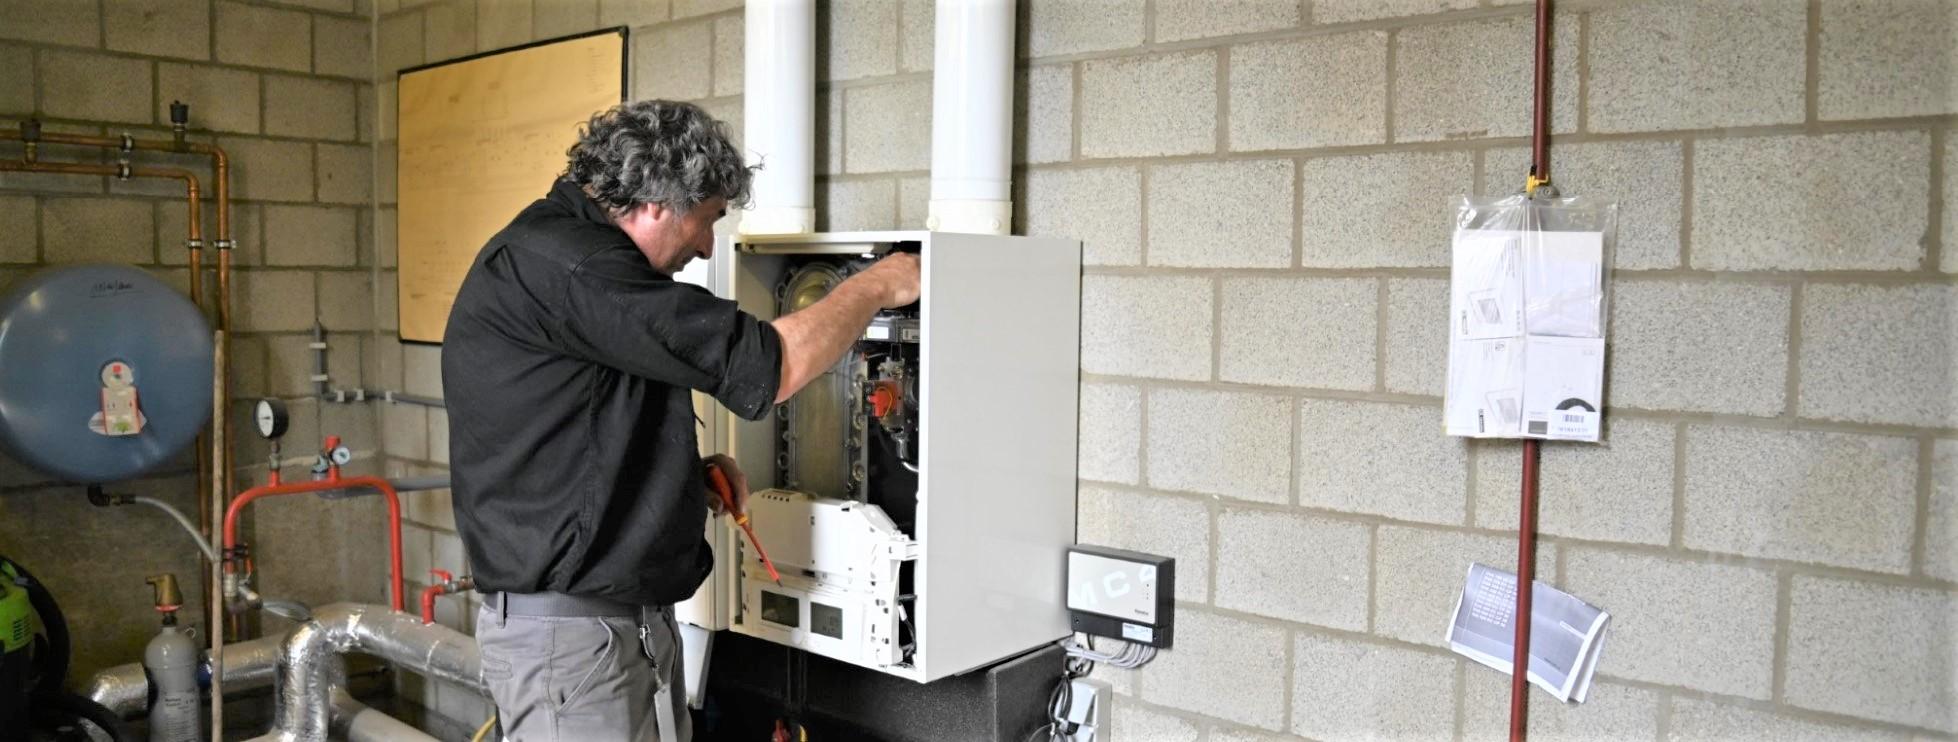 Maintenance Masters is gespecialiseerd in het onderhoud van de technische installaties in uw gebouw